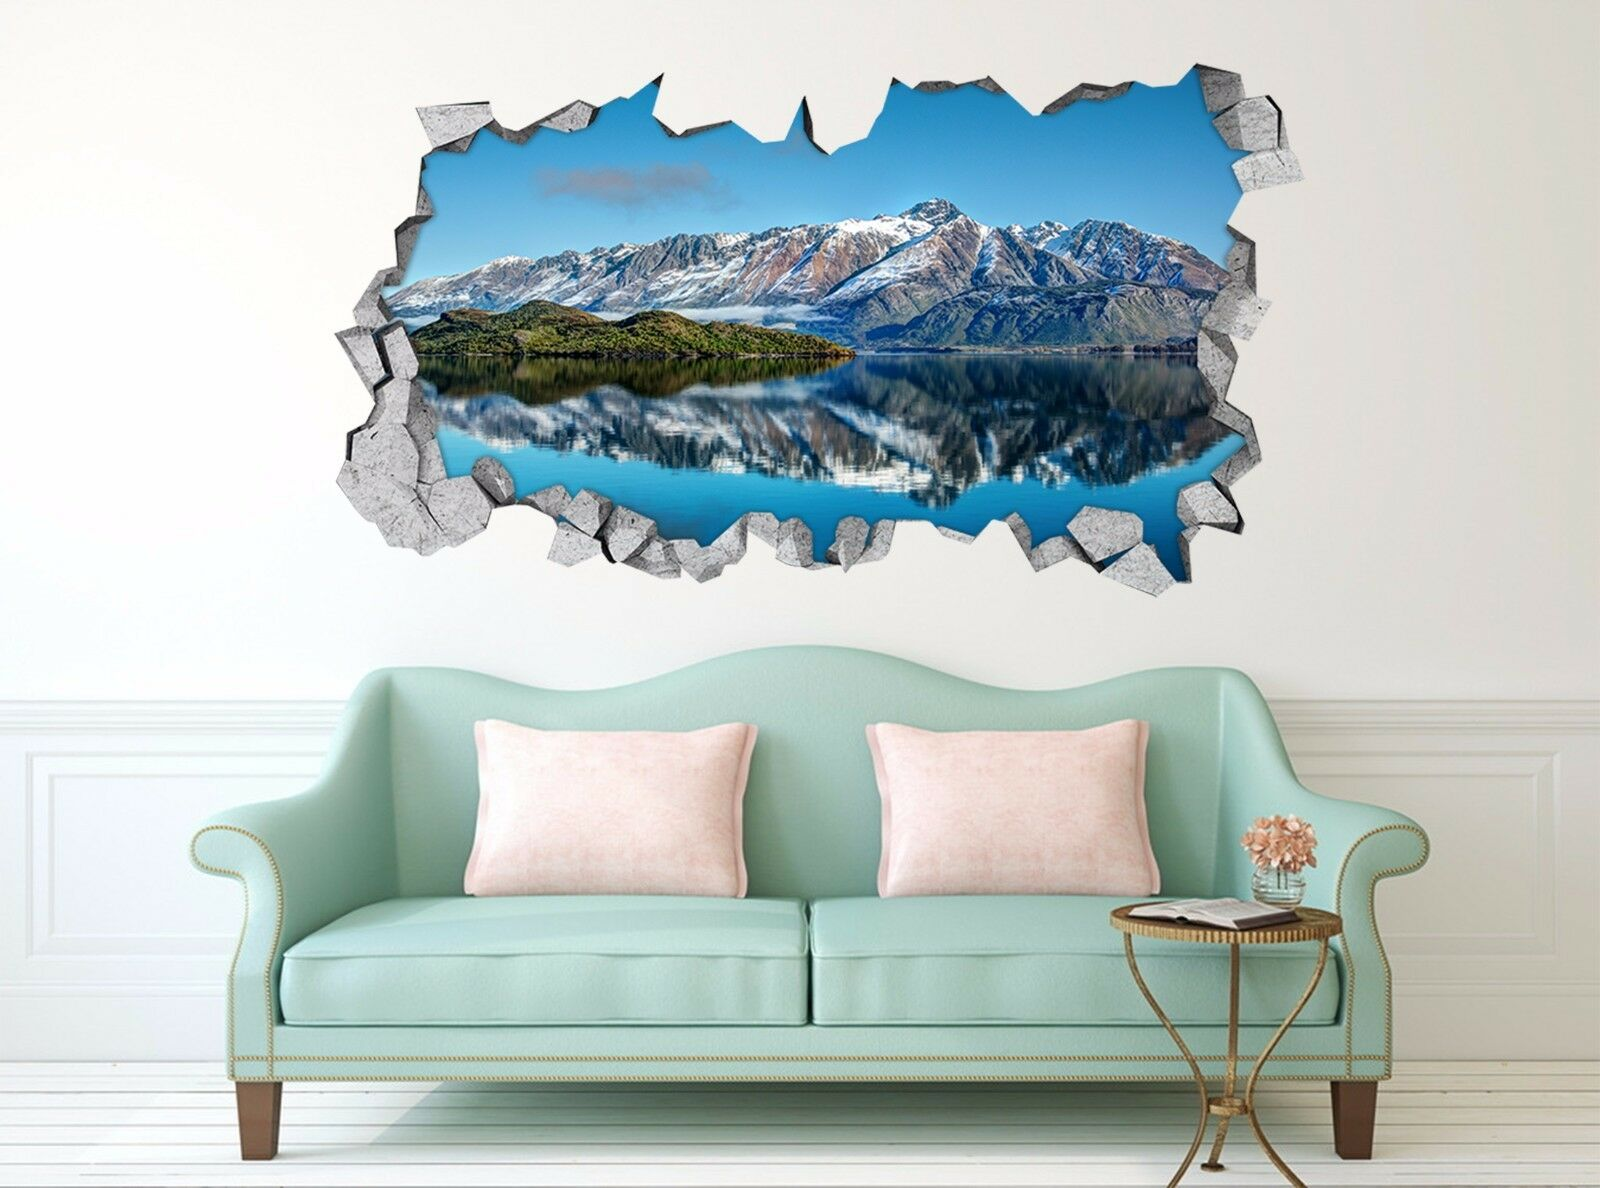 3D Wald Berg See 7  Mauer Murals Mauer Aufklebe Decal Durchbruch AJ WALLPAPER DE